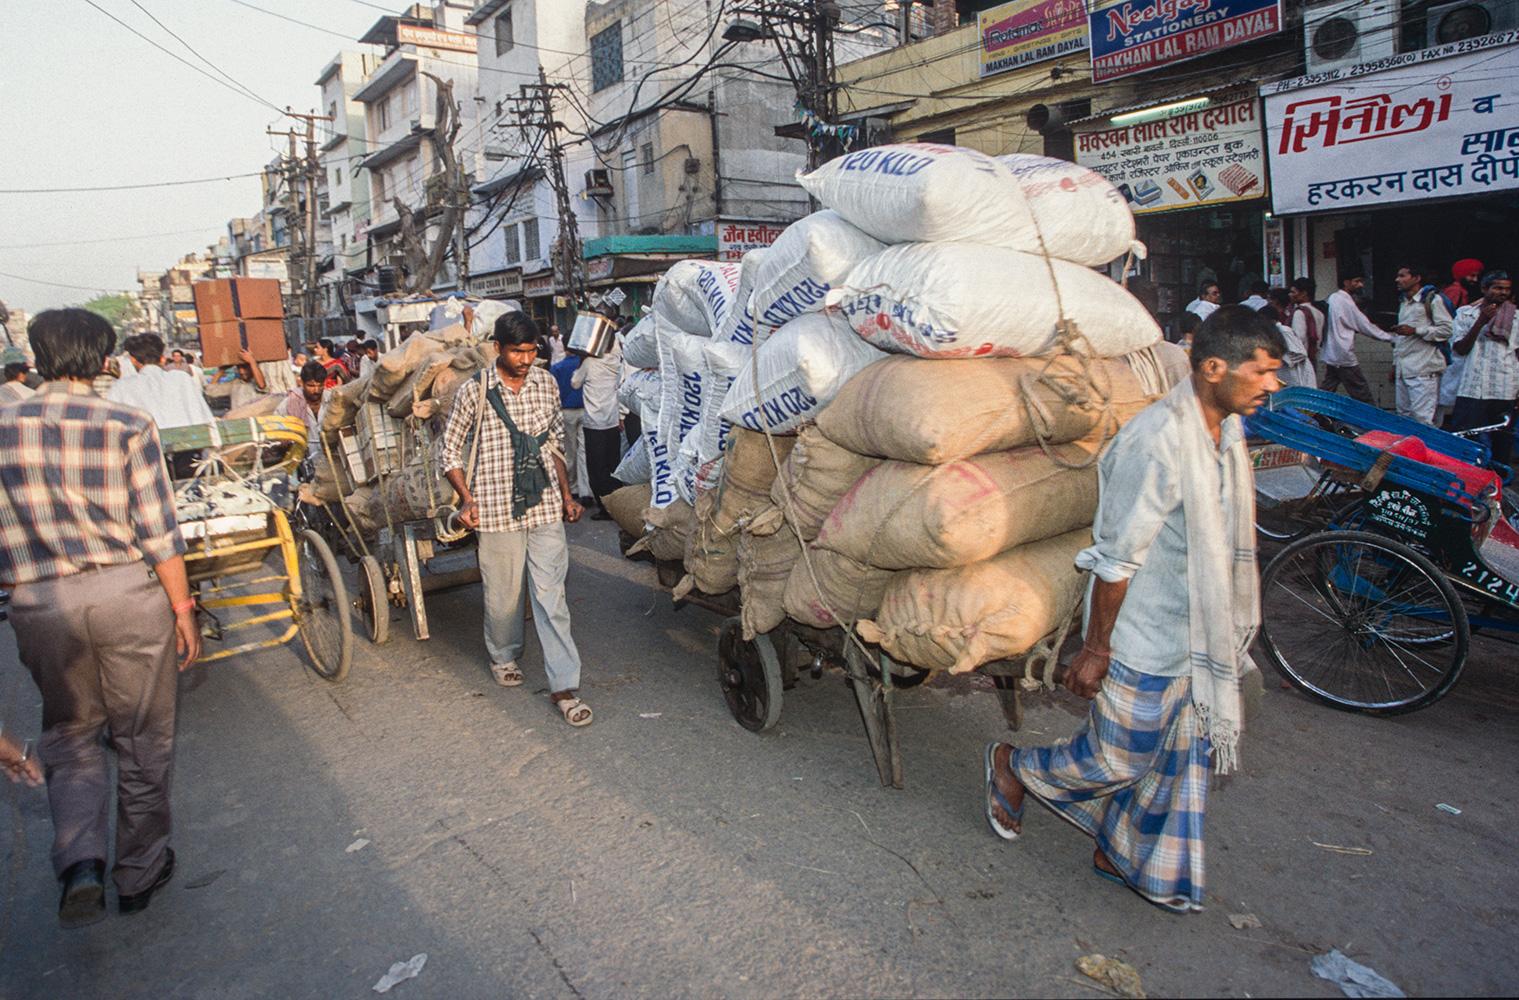 market_trolleys_delhi_2004RVP